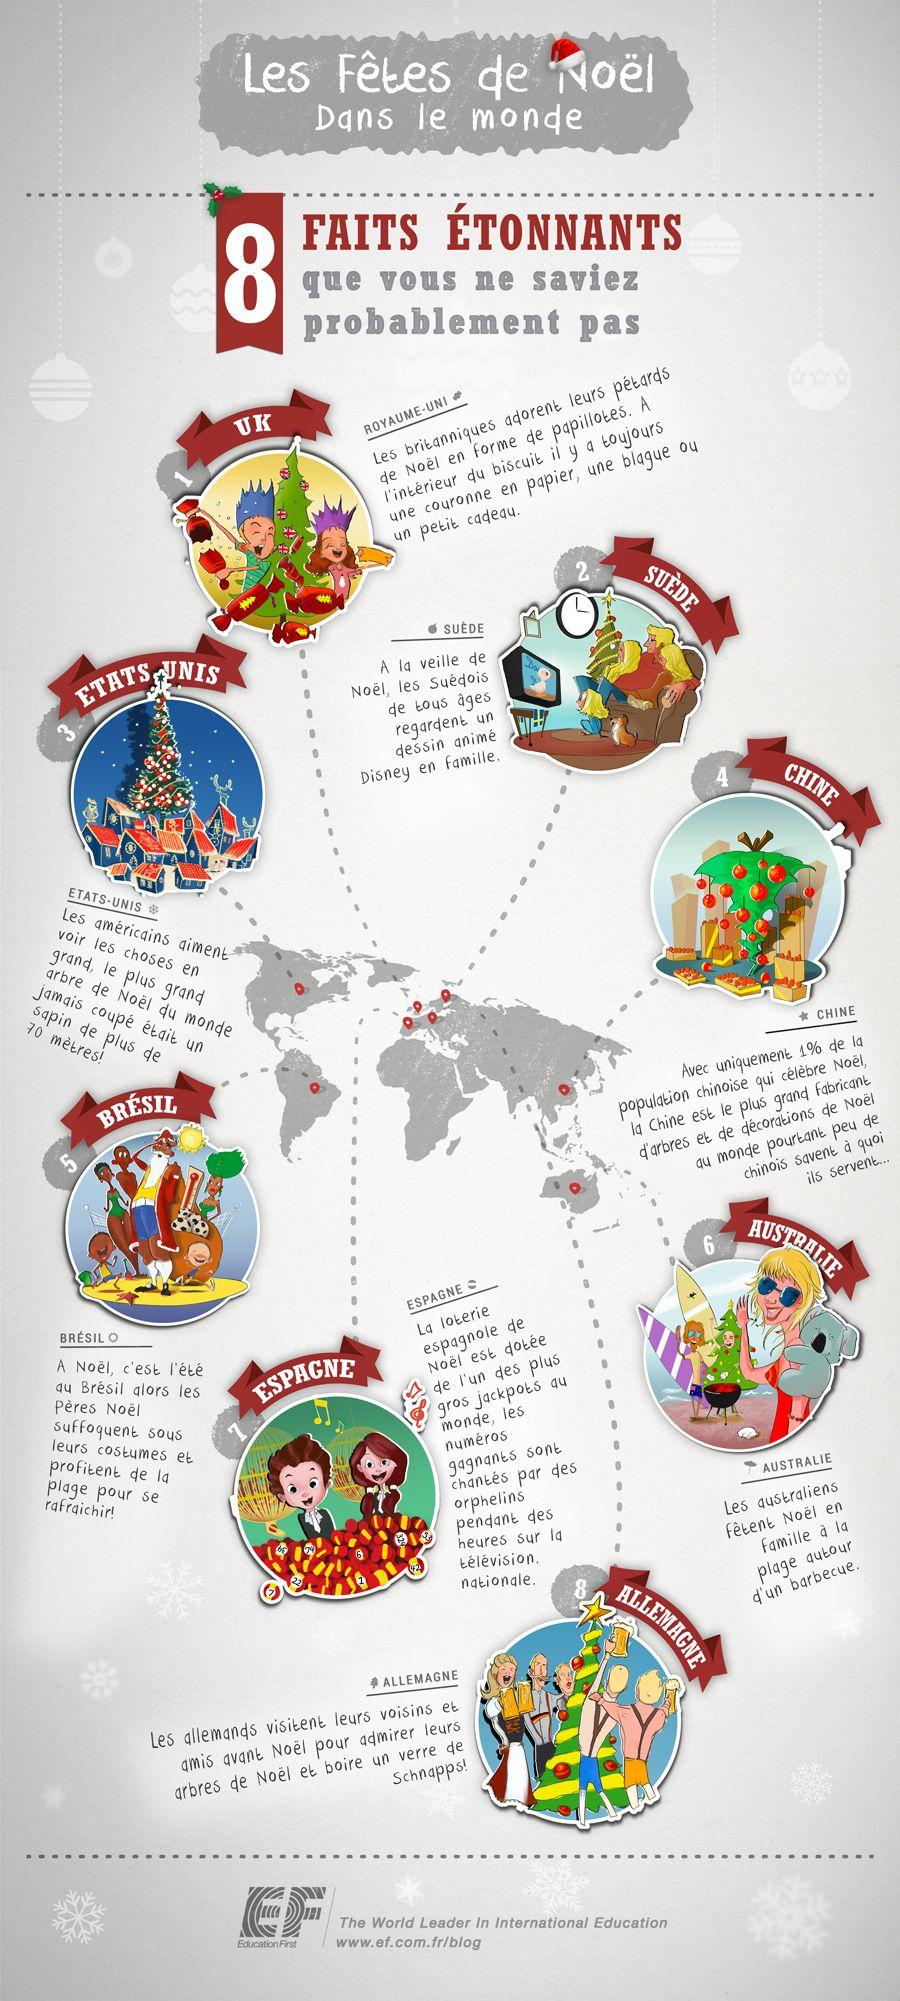 Les Traditions De Noel En Australie les fêtes de noel dans le monde | trivia de navidad, navidad